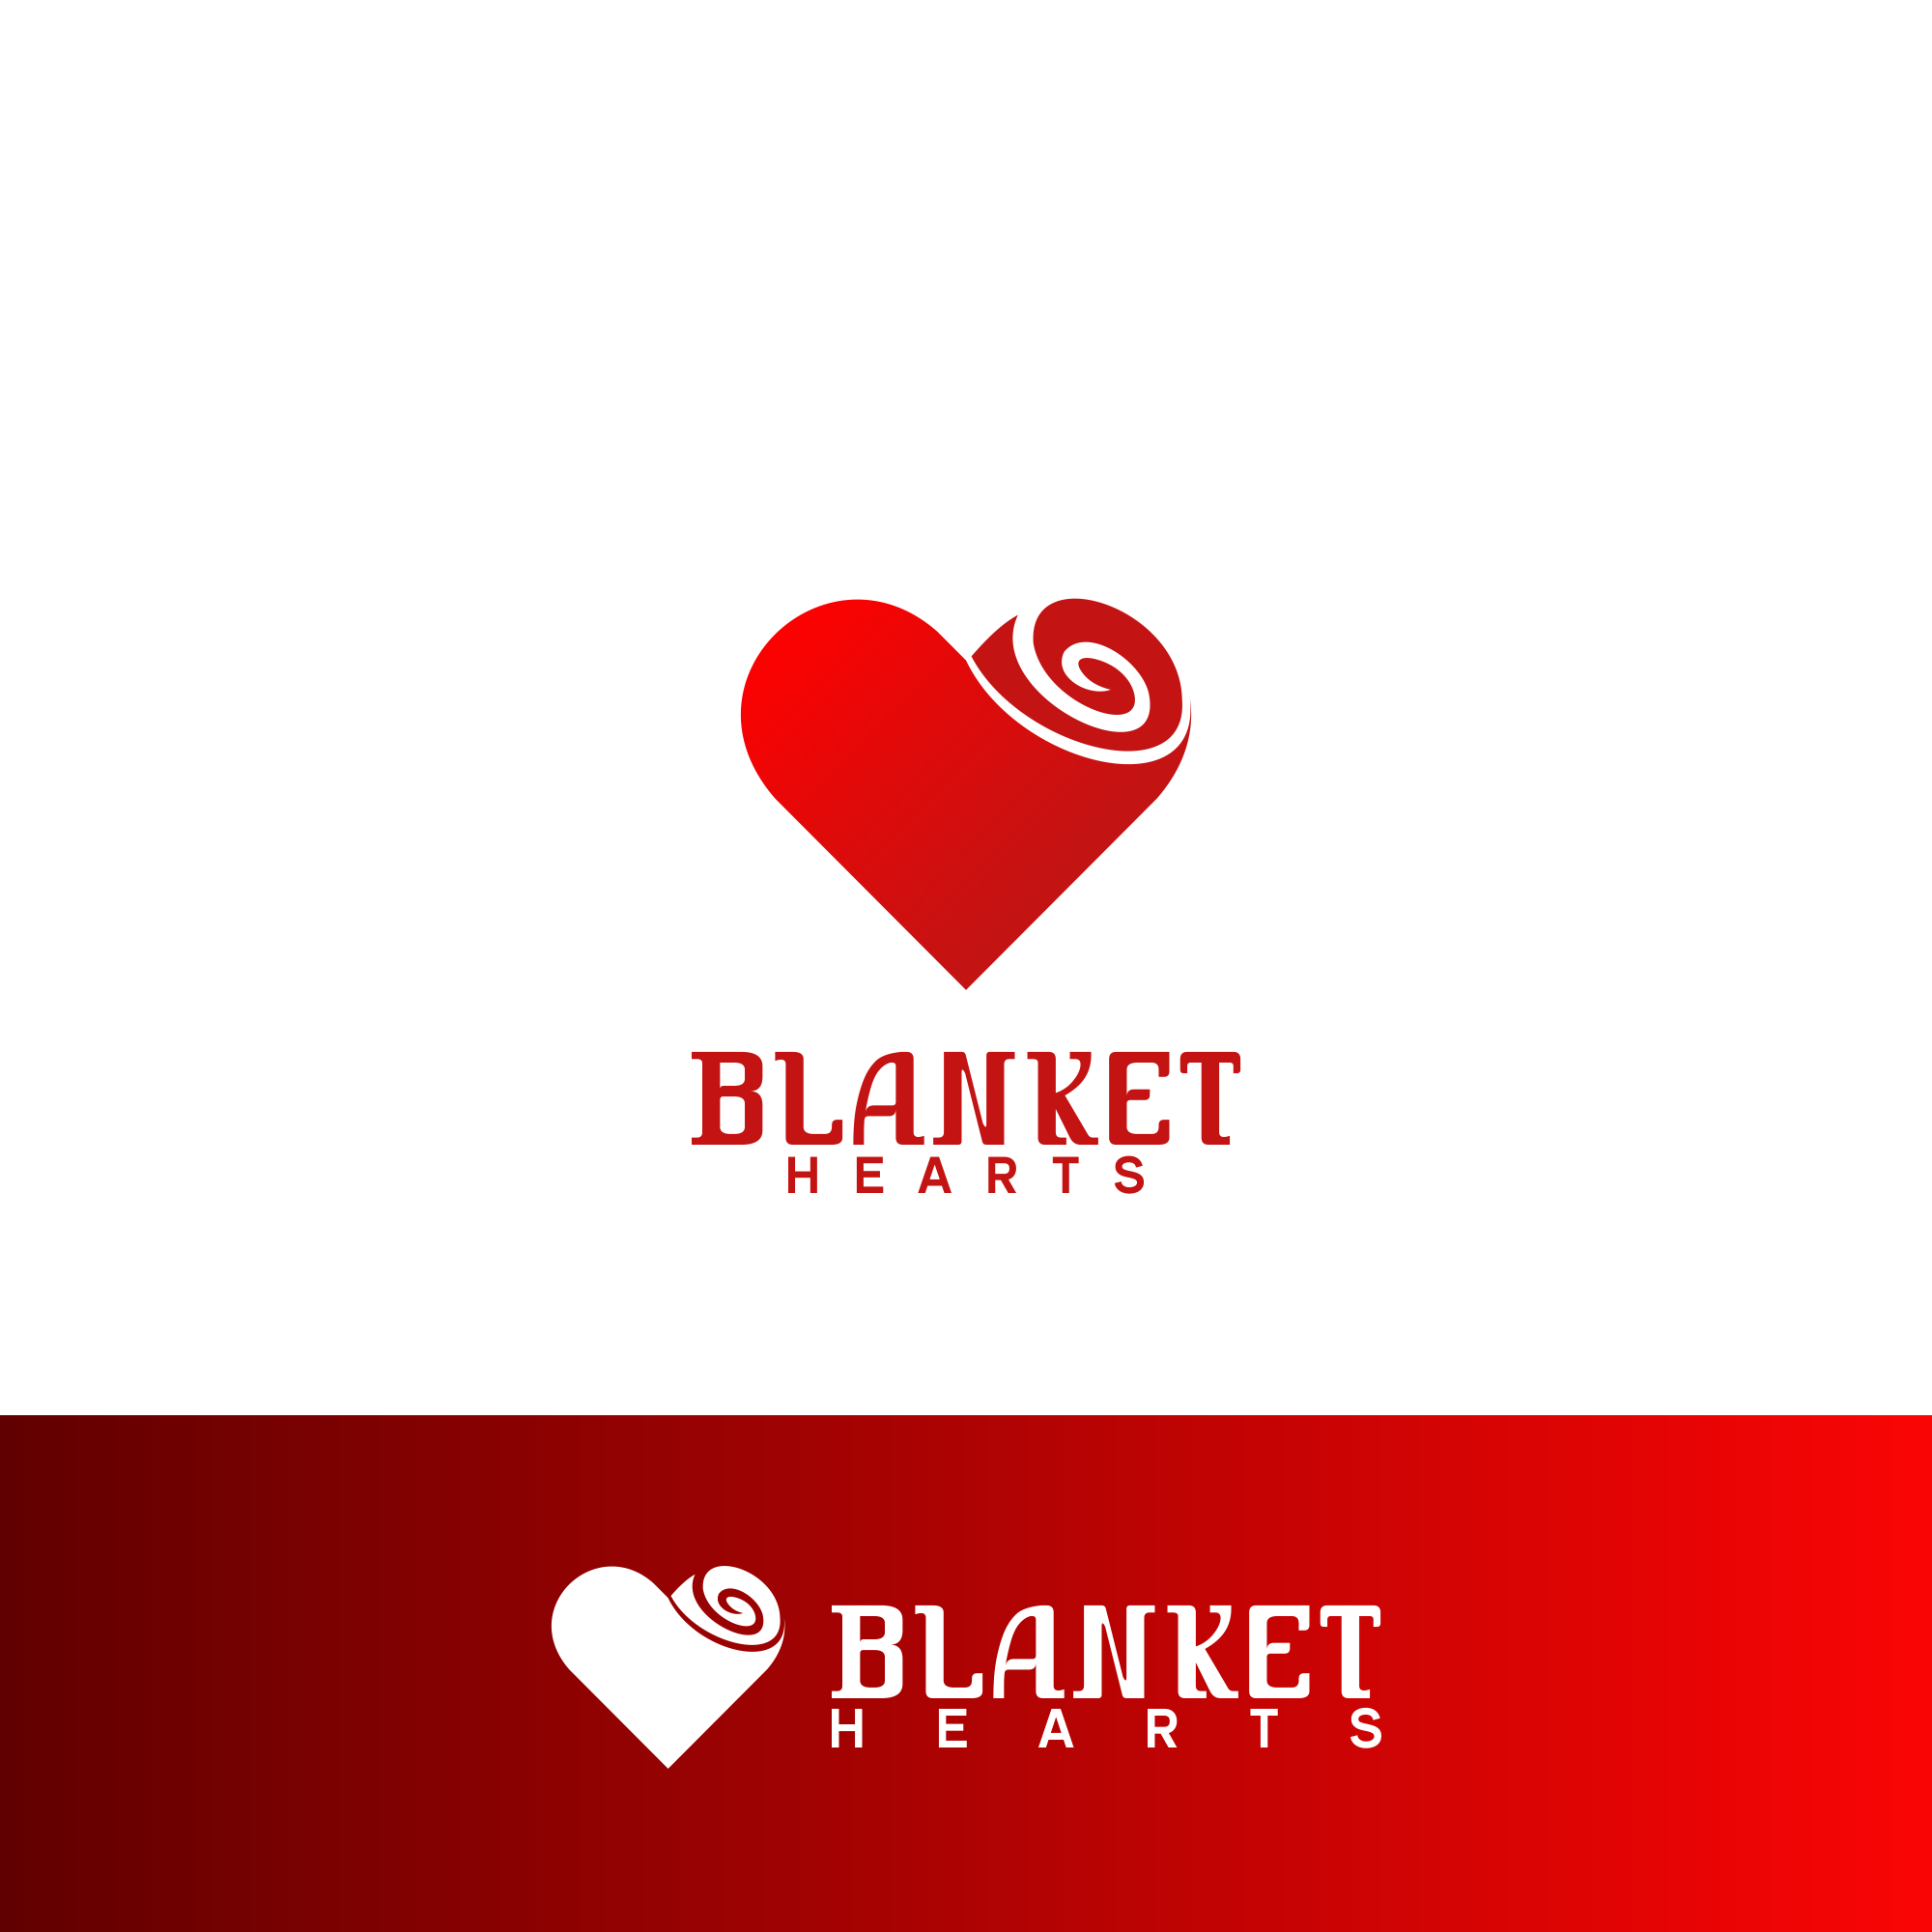 Logo Design 79 'Blanket Hearts' design project